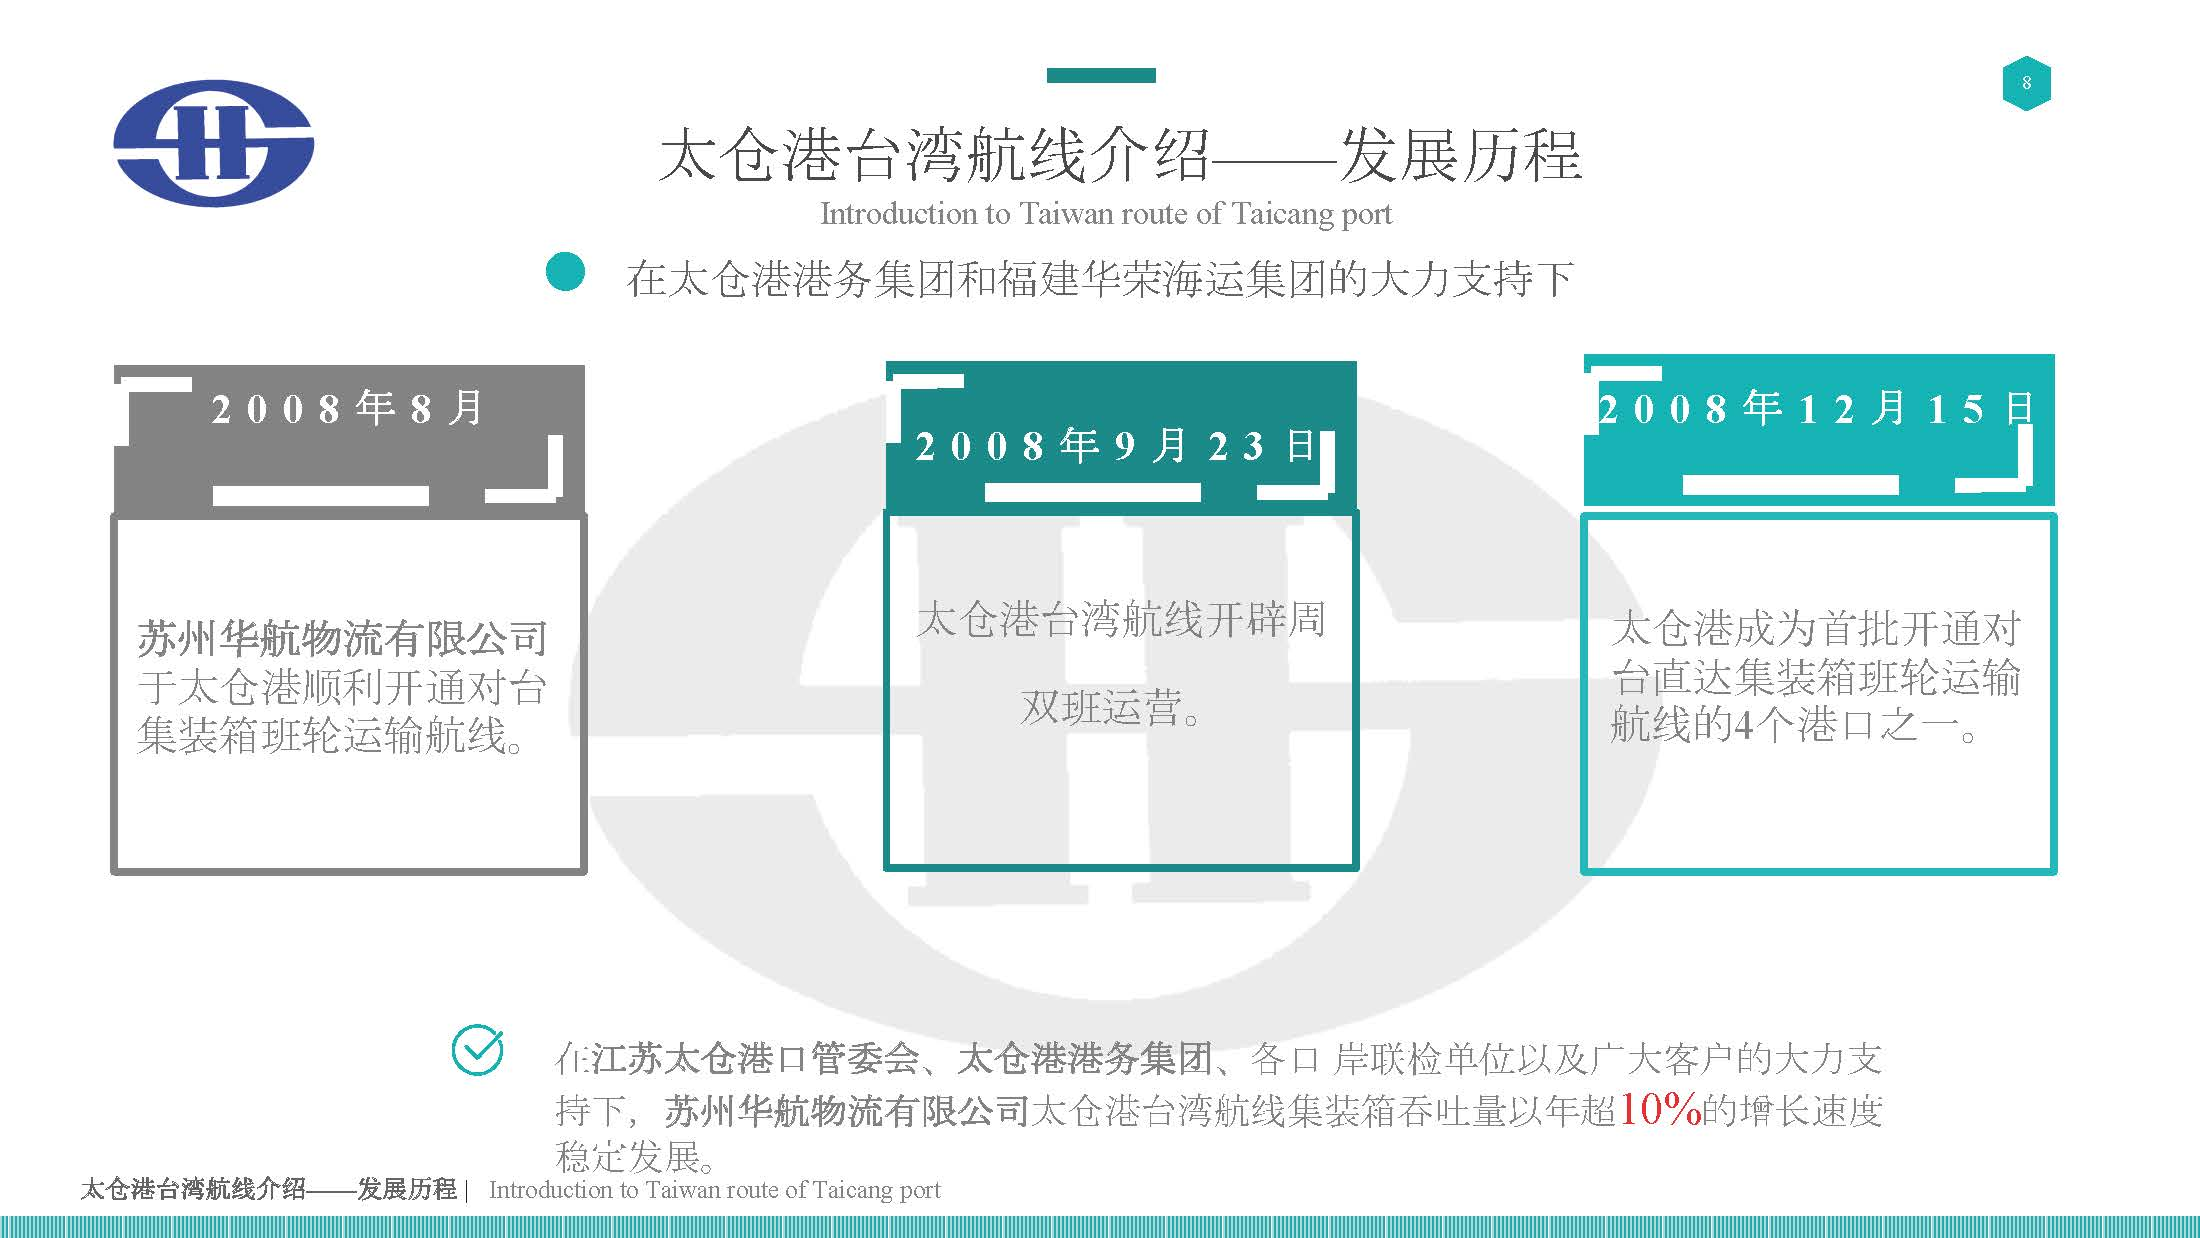 蘇州華航資料_頁面_05